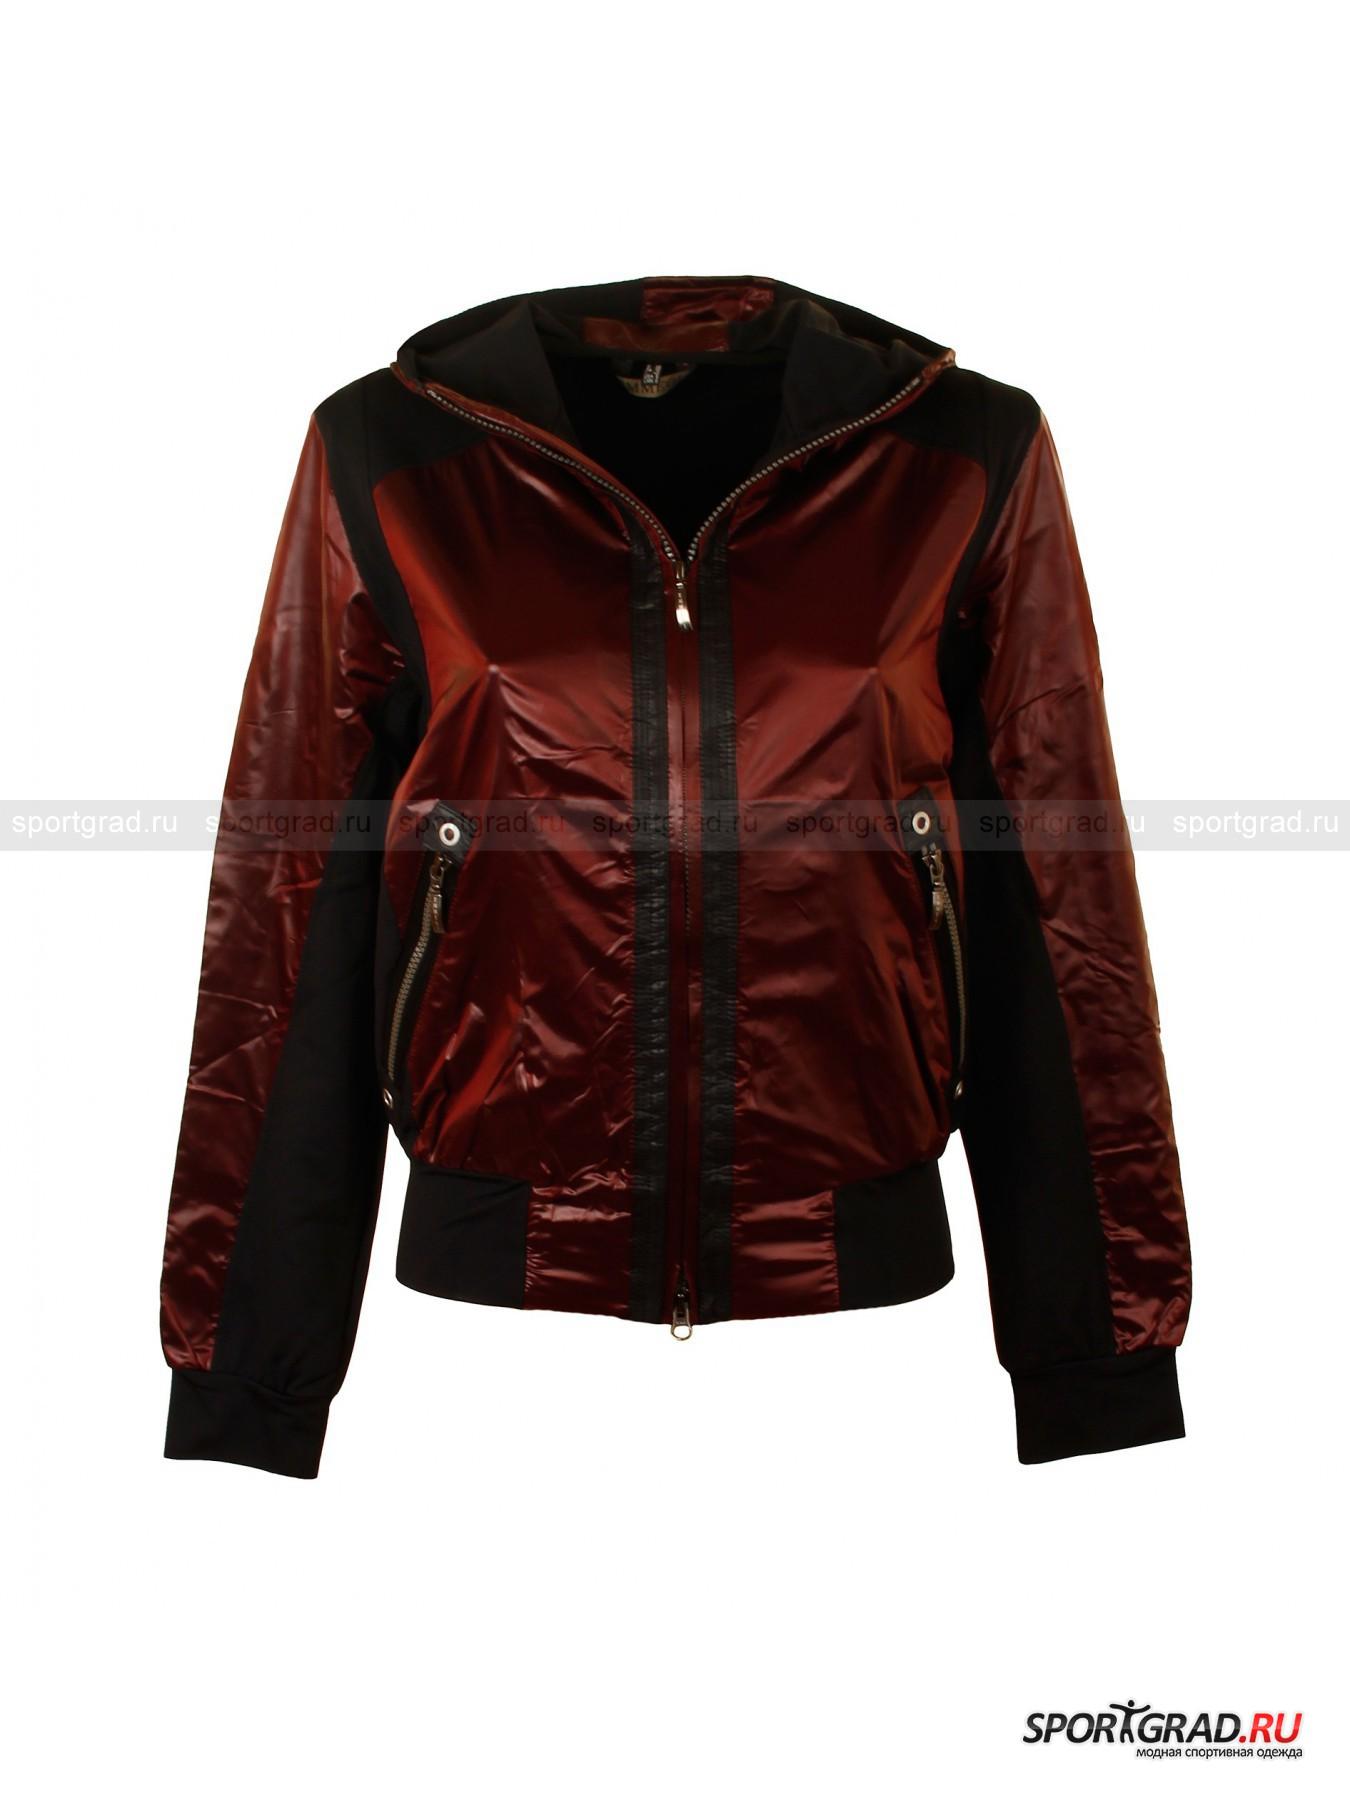 Куртка женская флис Kara EMMEGI от Спортград